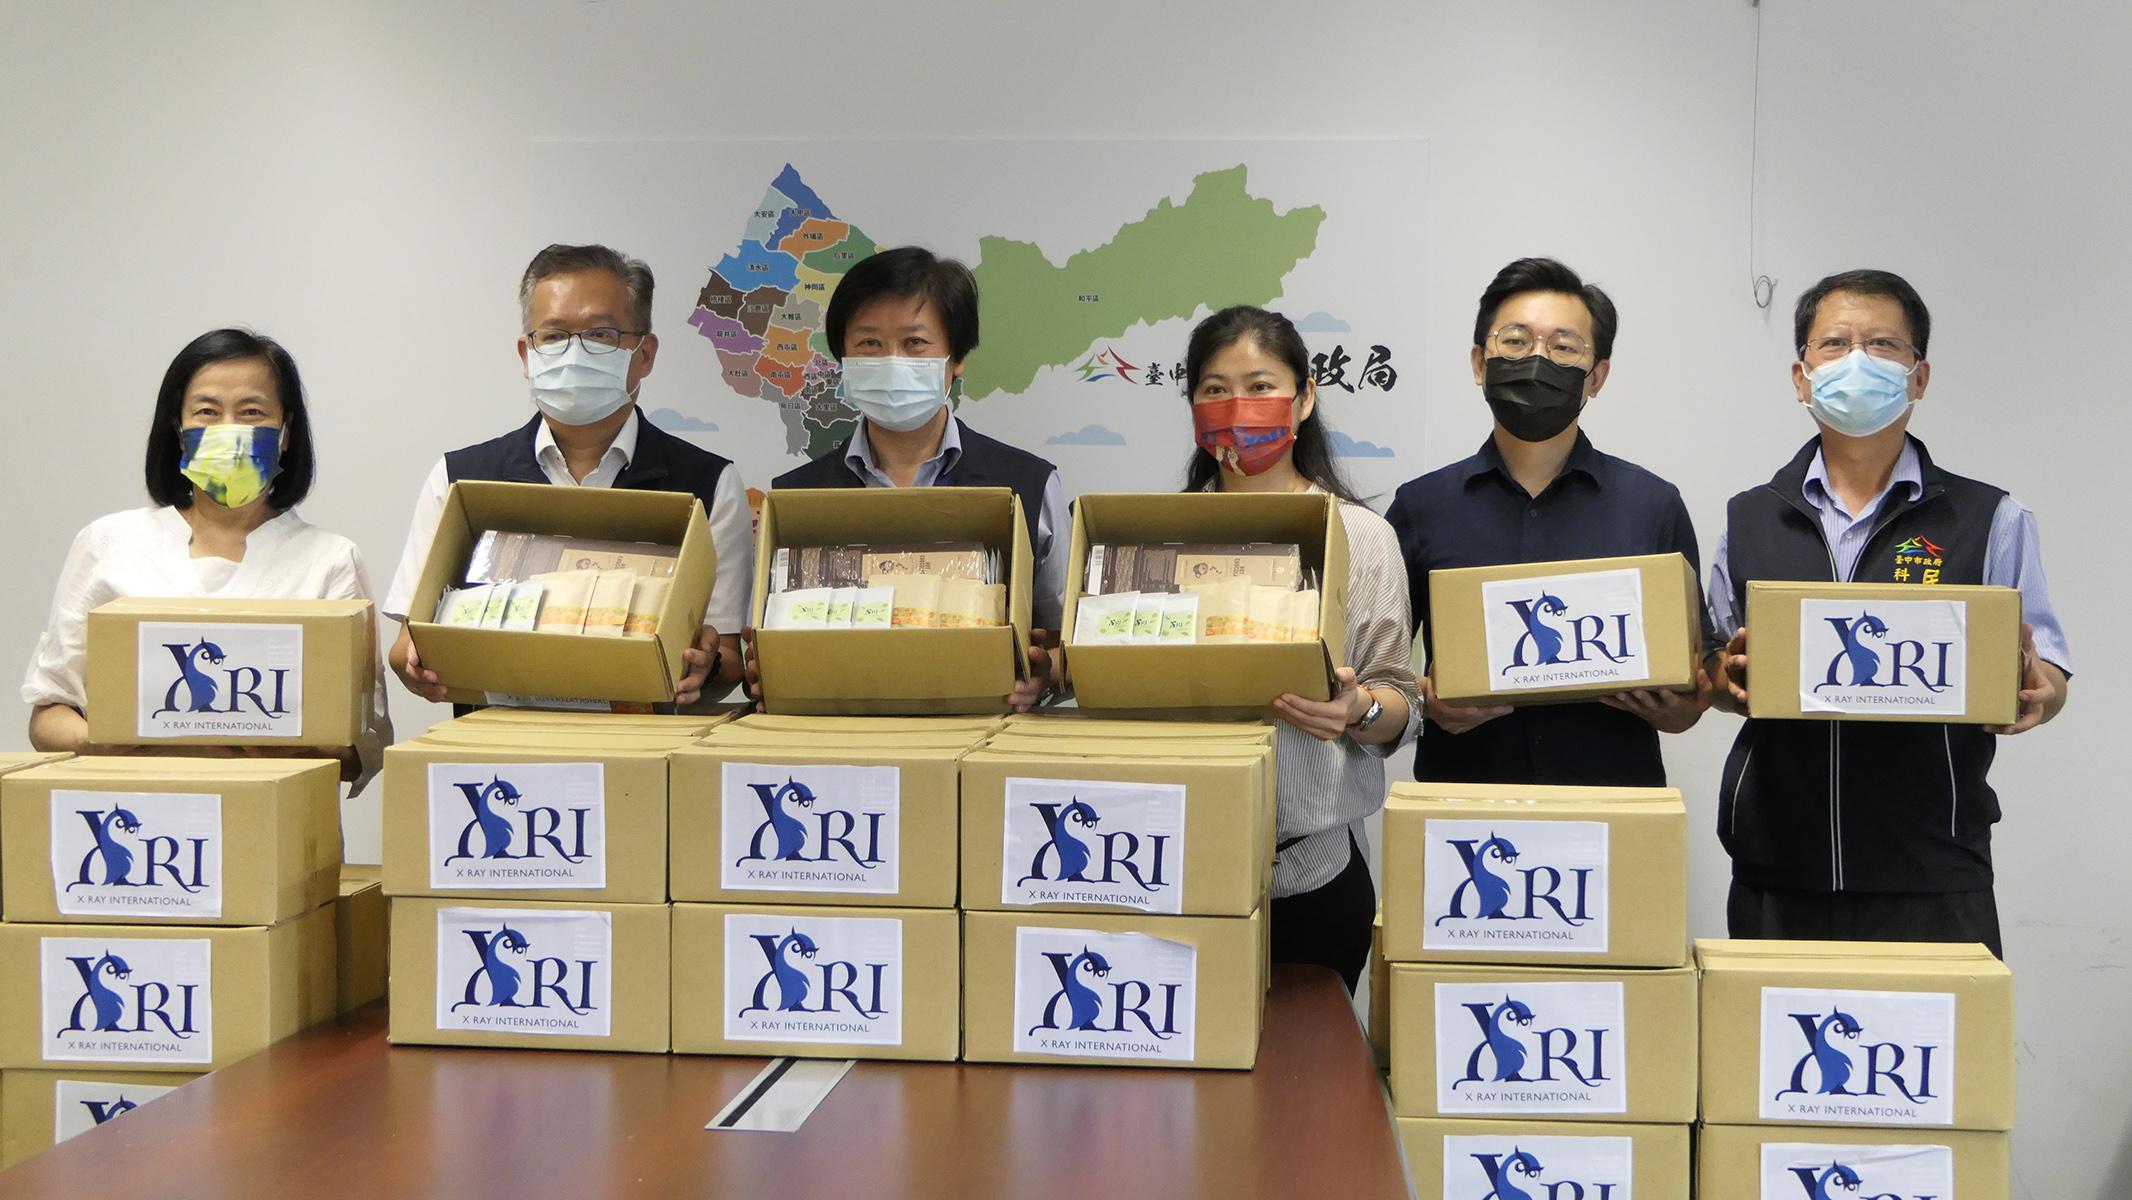 比利時愛瑞國際驗證公司呂腕菁偕同賴慕芬捐贈1500份禮品 慰勉中市一線防疫人員辛勞 。圖:宋佳景 攝